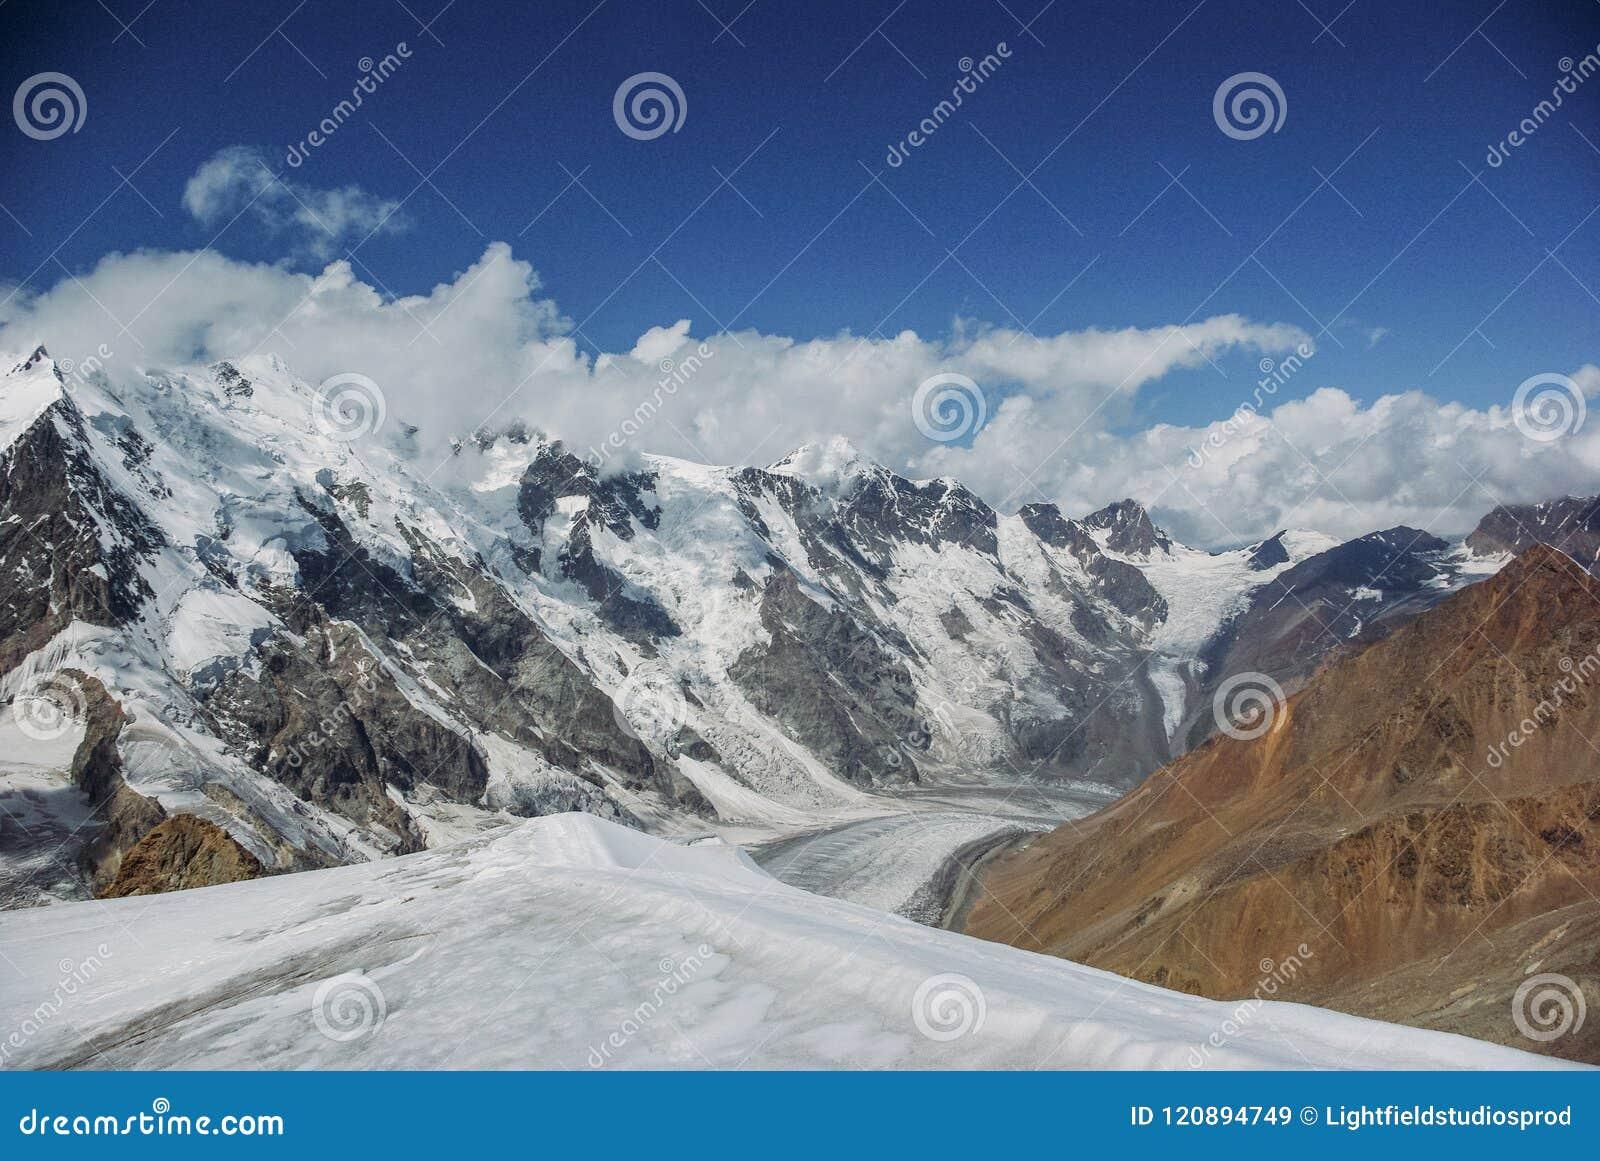 Fantastisk sikt av berglandskapet med snö, rysk federation, Kaukasus,